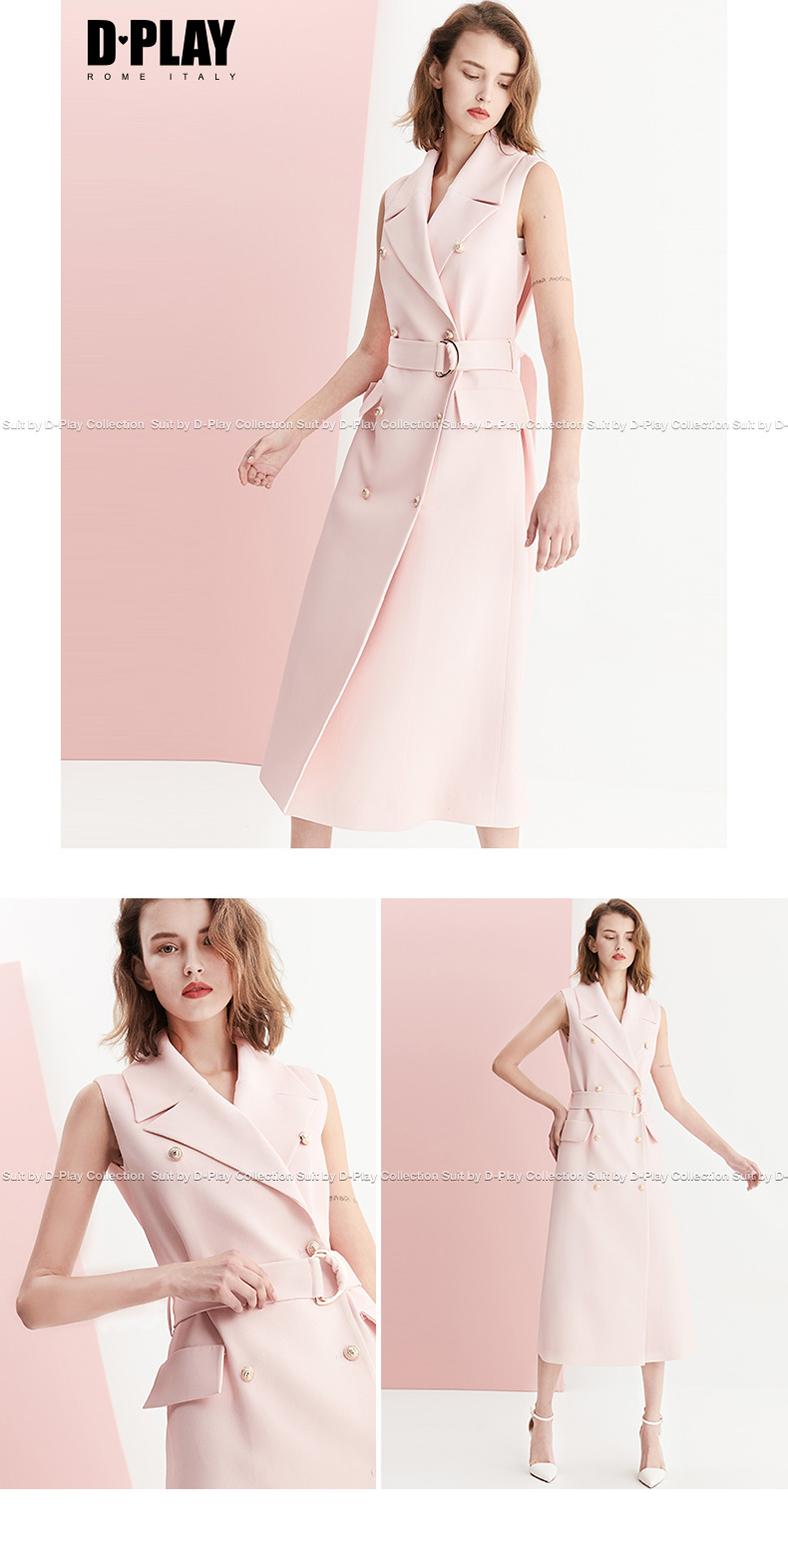 DPLAY2018 mùa hè mới Châu Âu và Mỹ ánh sáng màu hồng phù hợp với cổ áo đôi ngực vành đai mỏng vest váy